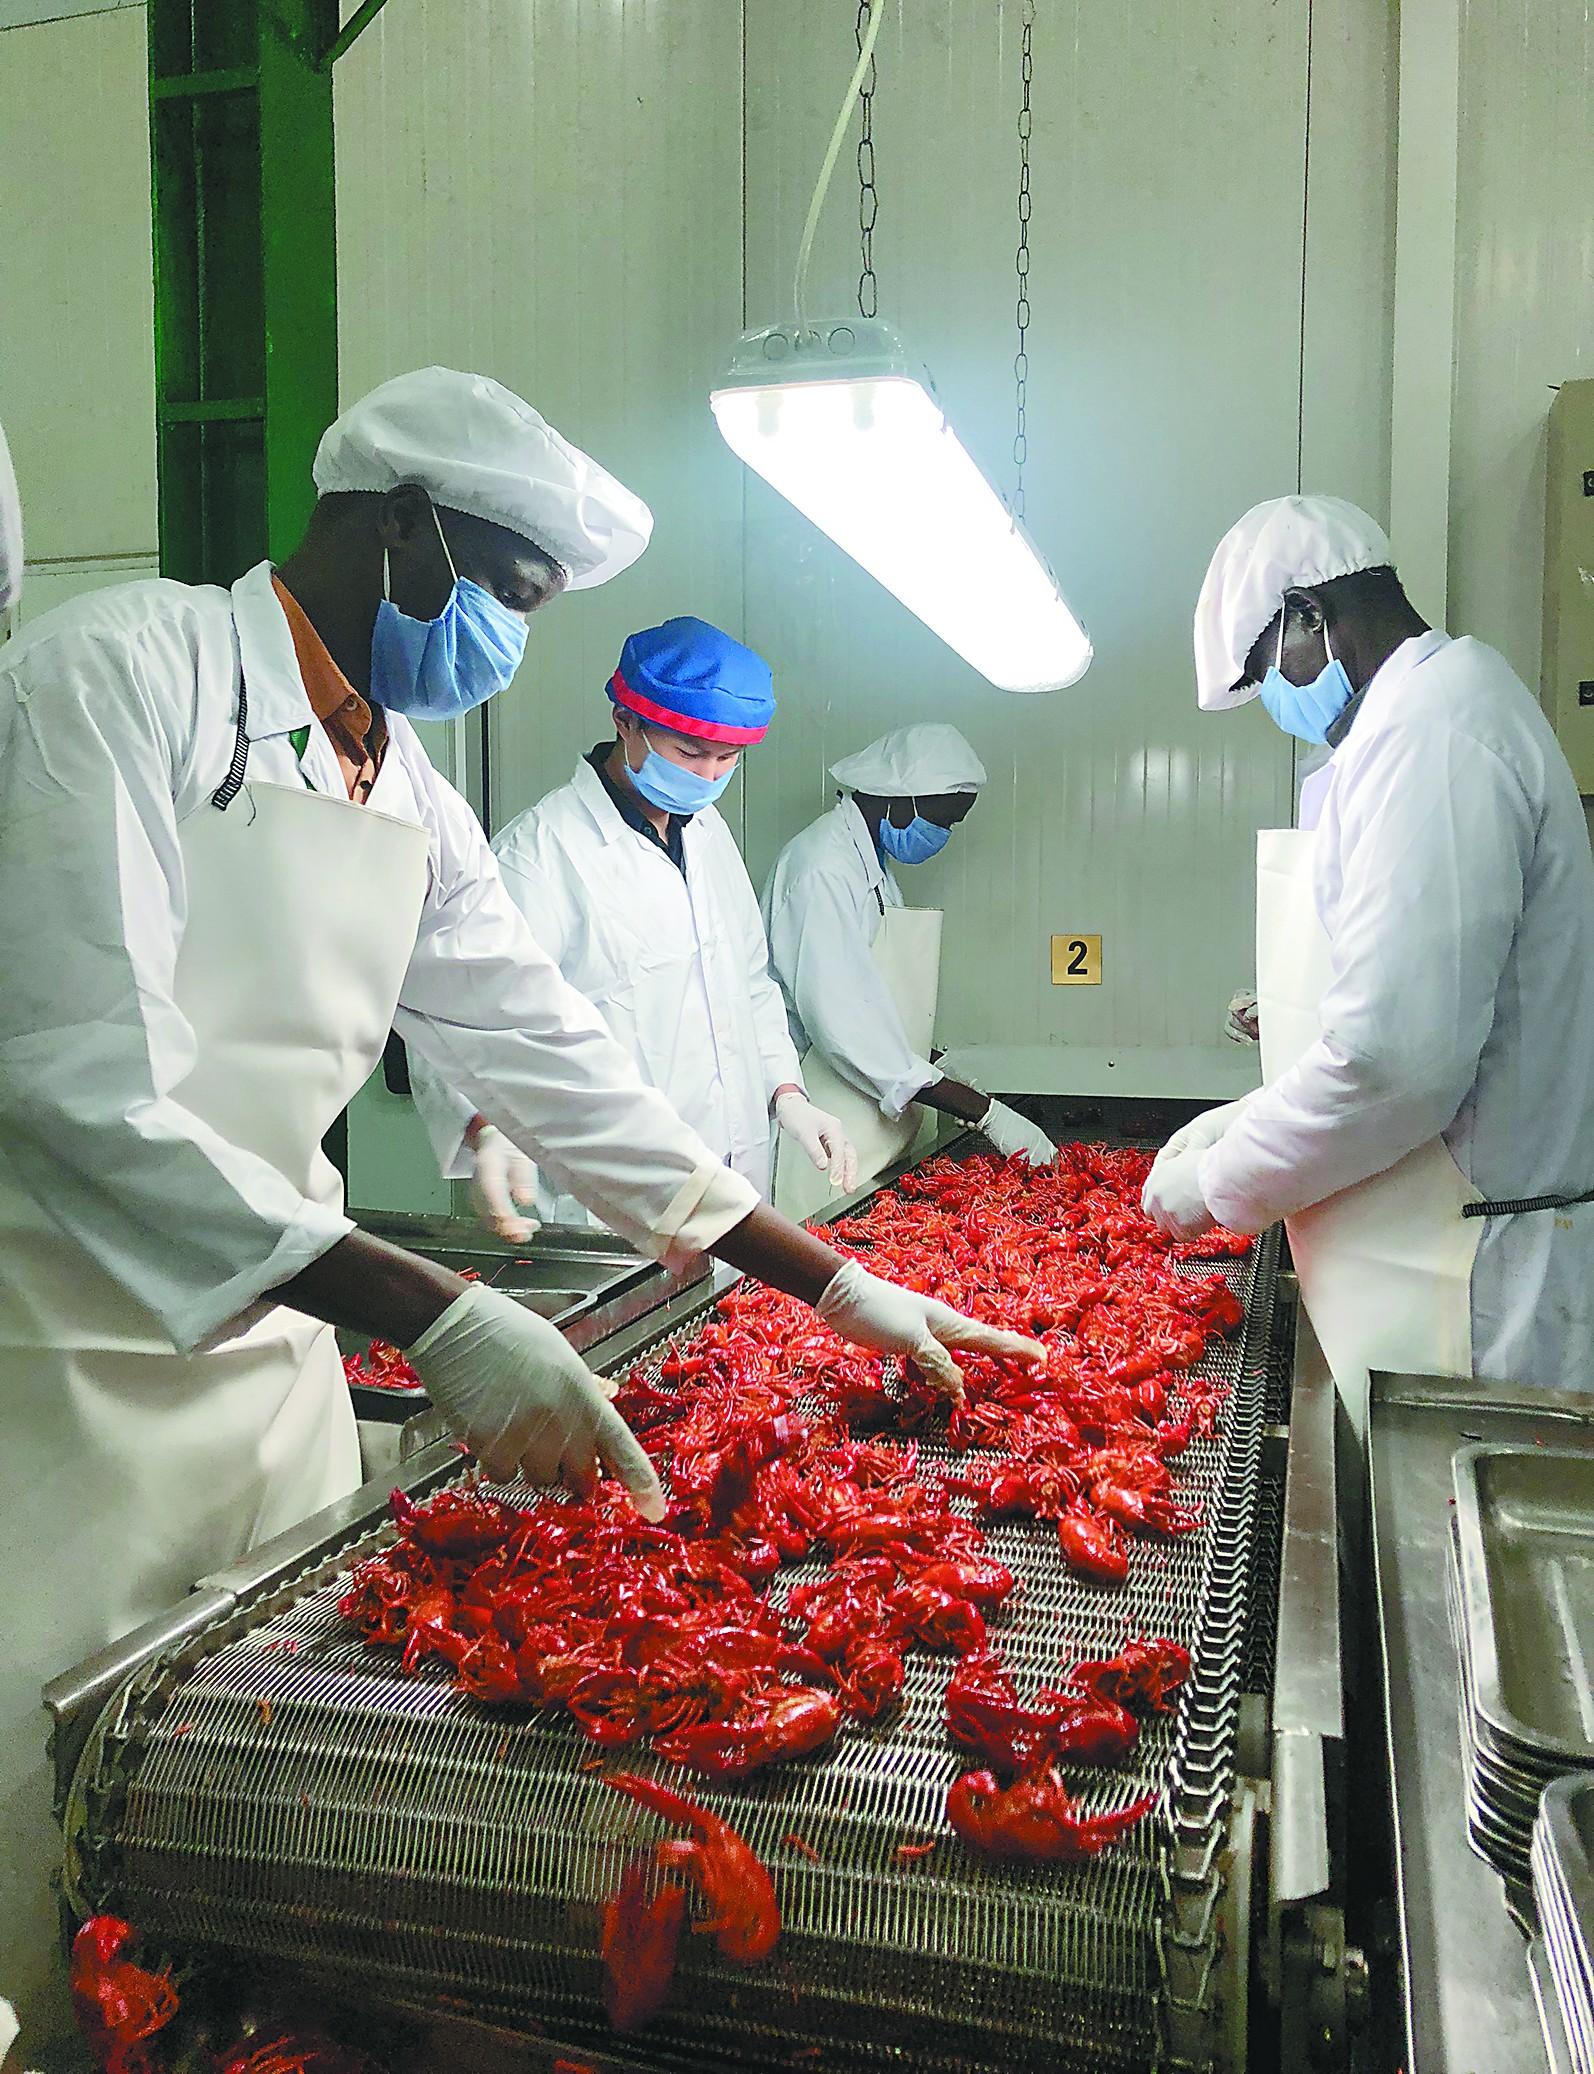 探访埃及小龙虾生产基地